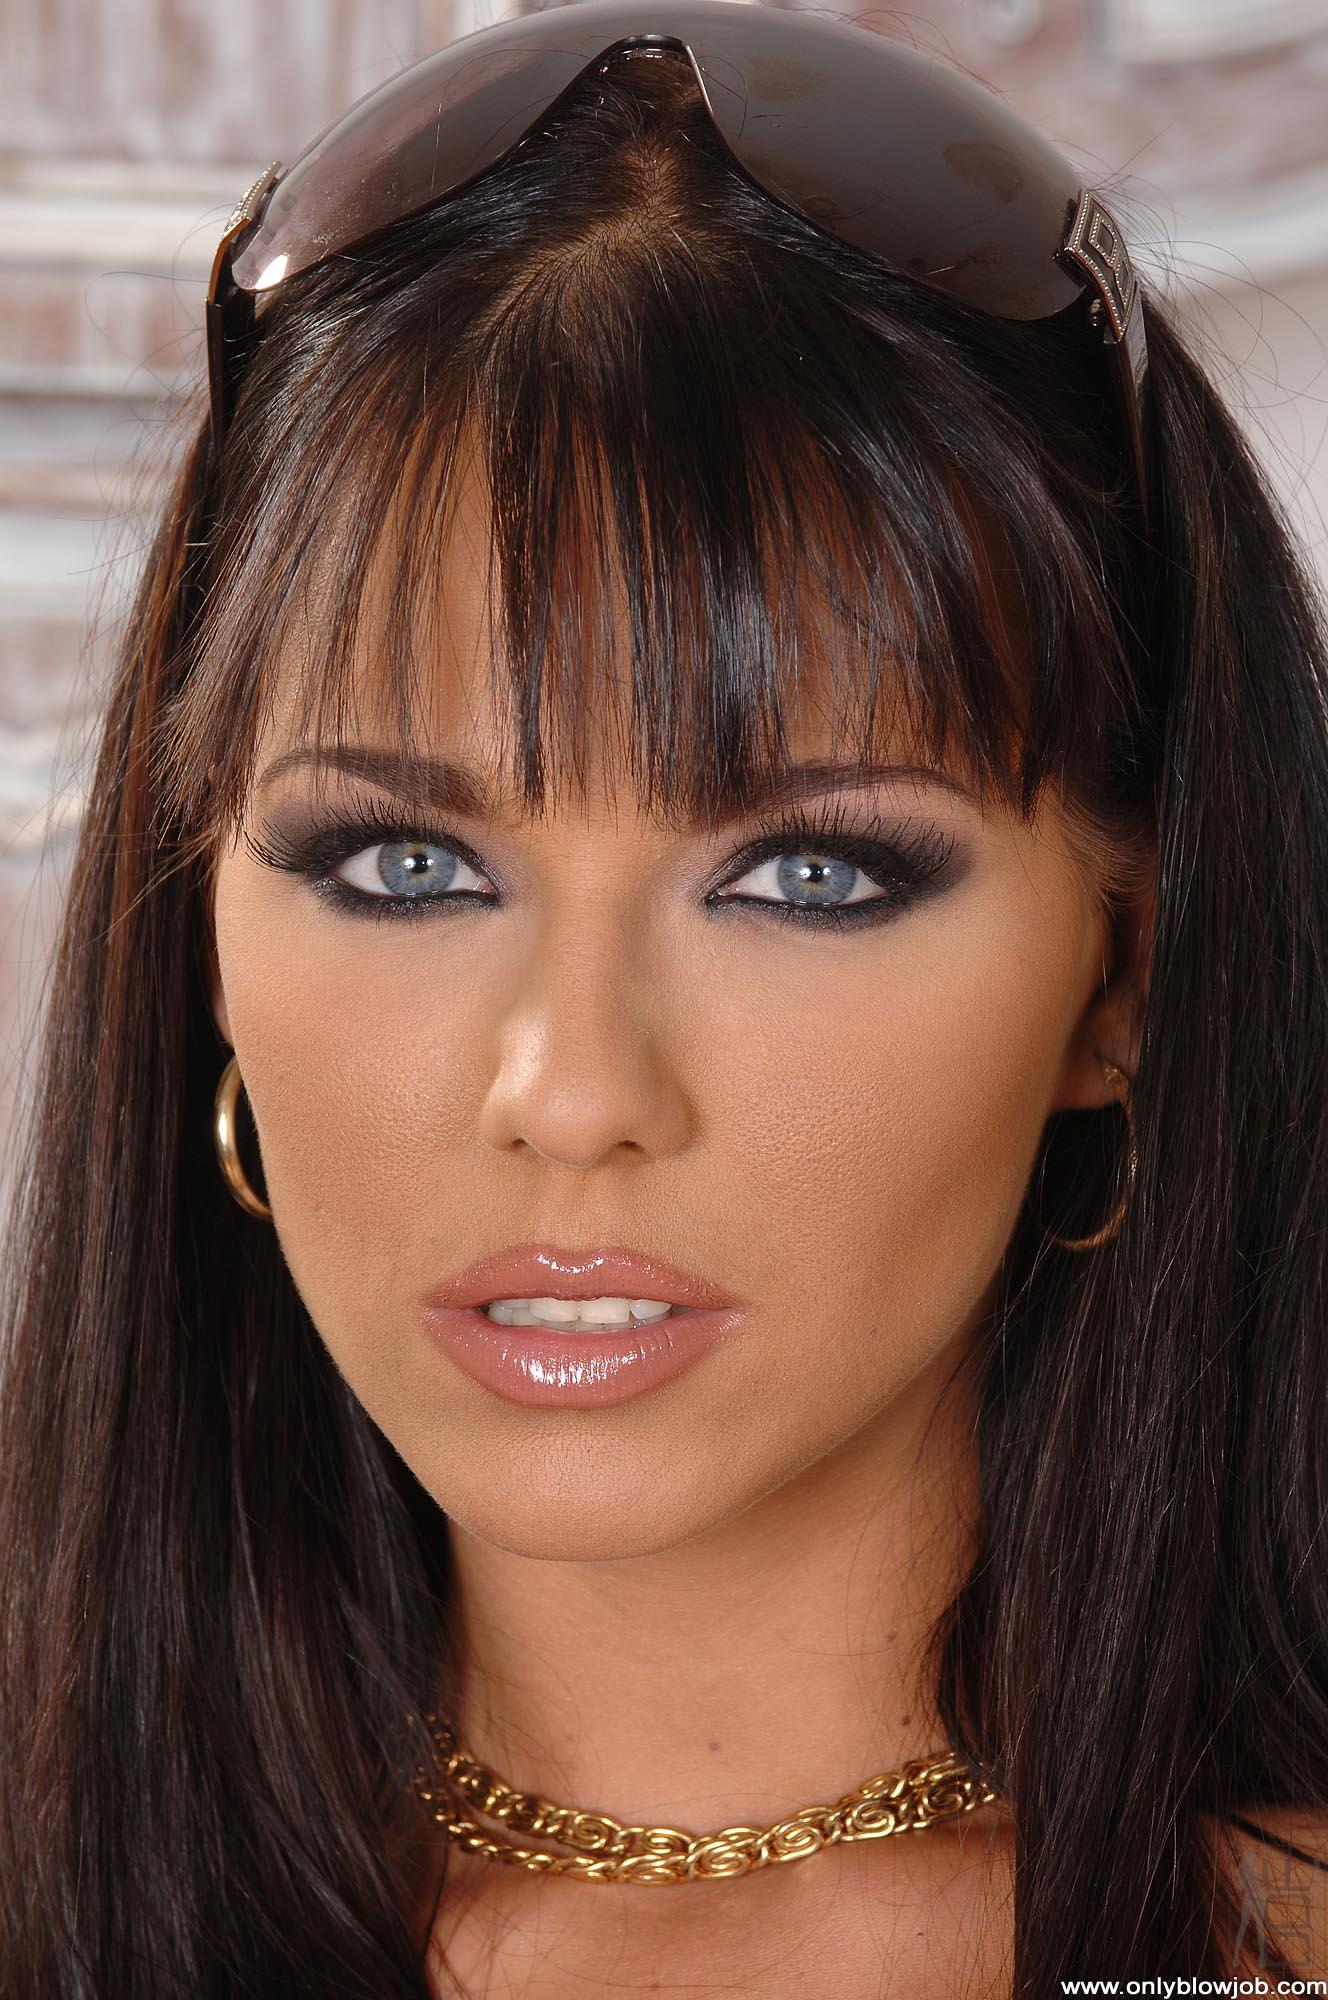 Simony Diamond nude 309